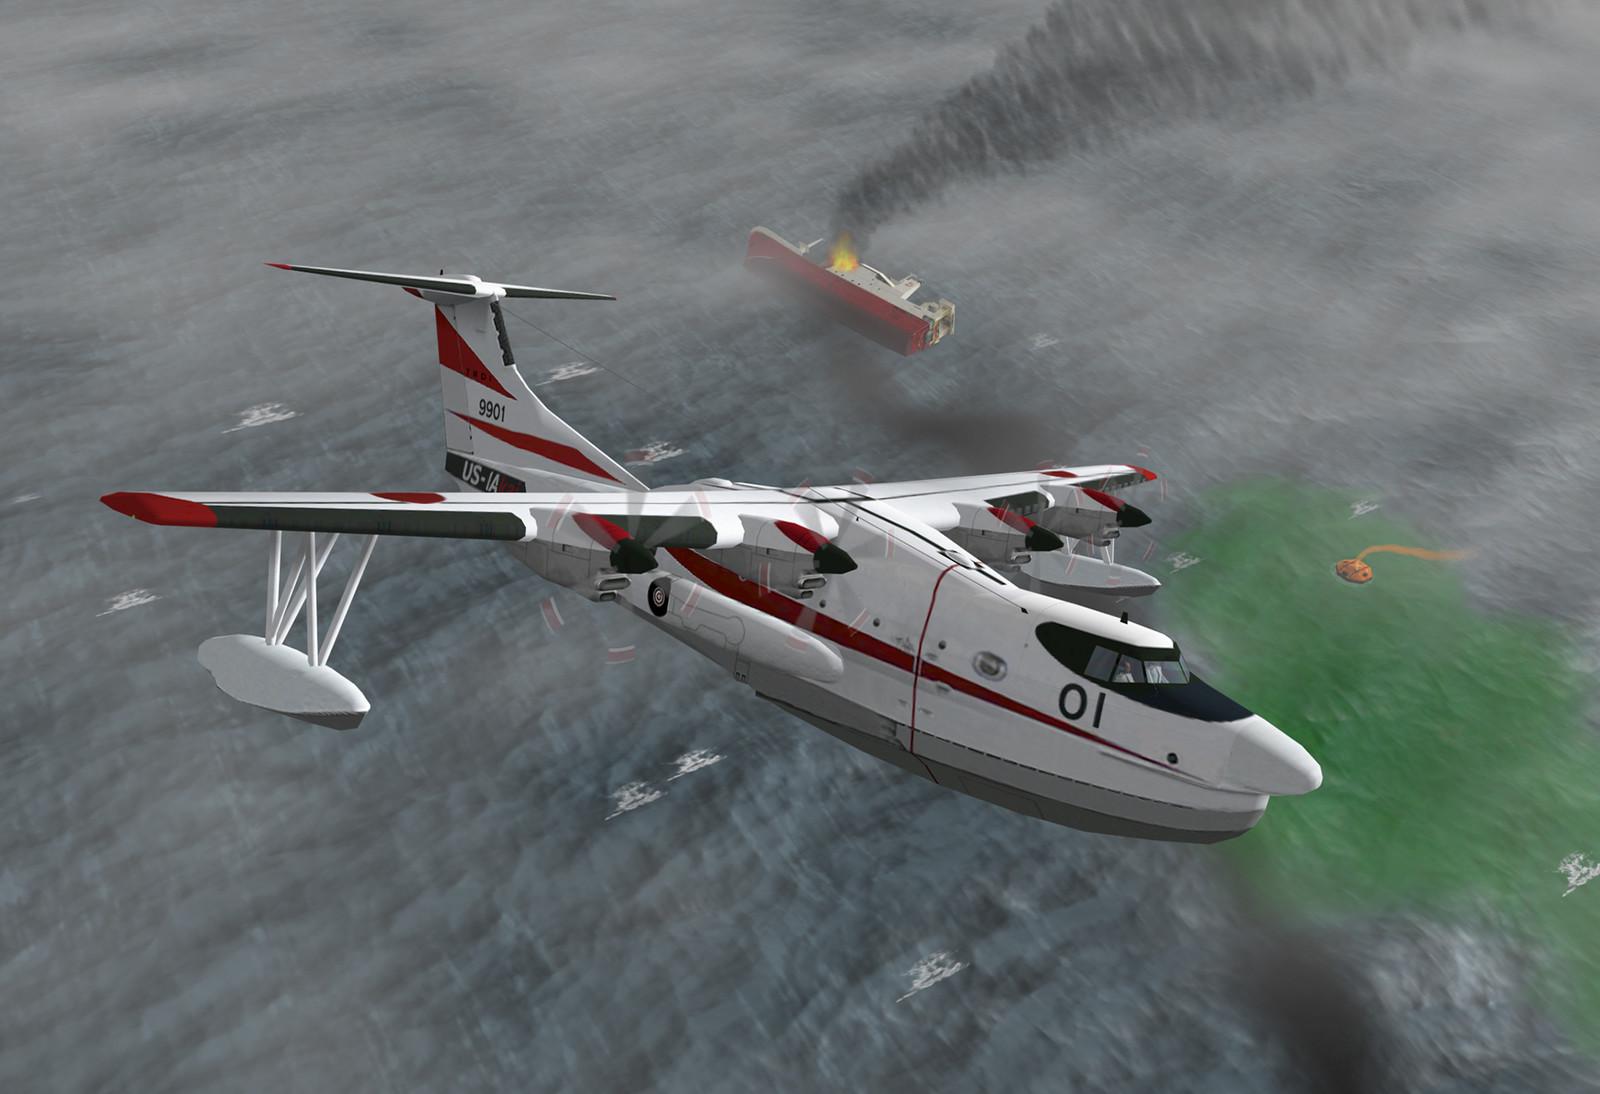 US-2 Kai air-sea rescue